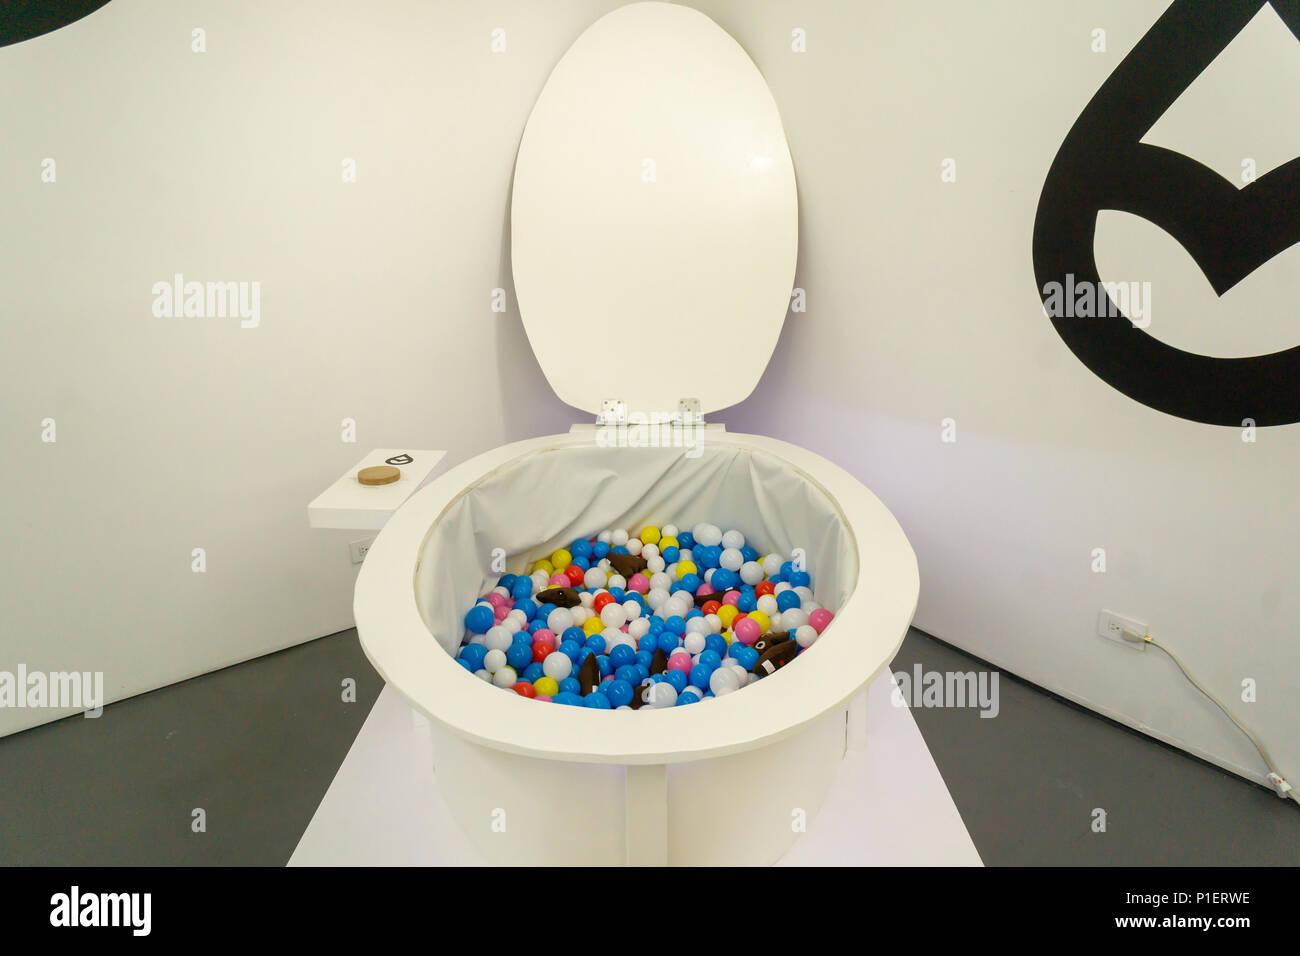 Die Toilette Ballebad Im Luxuriosen Badezimmer Marken Tushy Und Poo